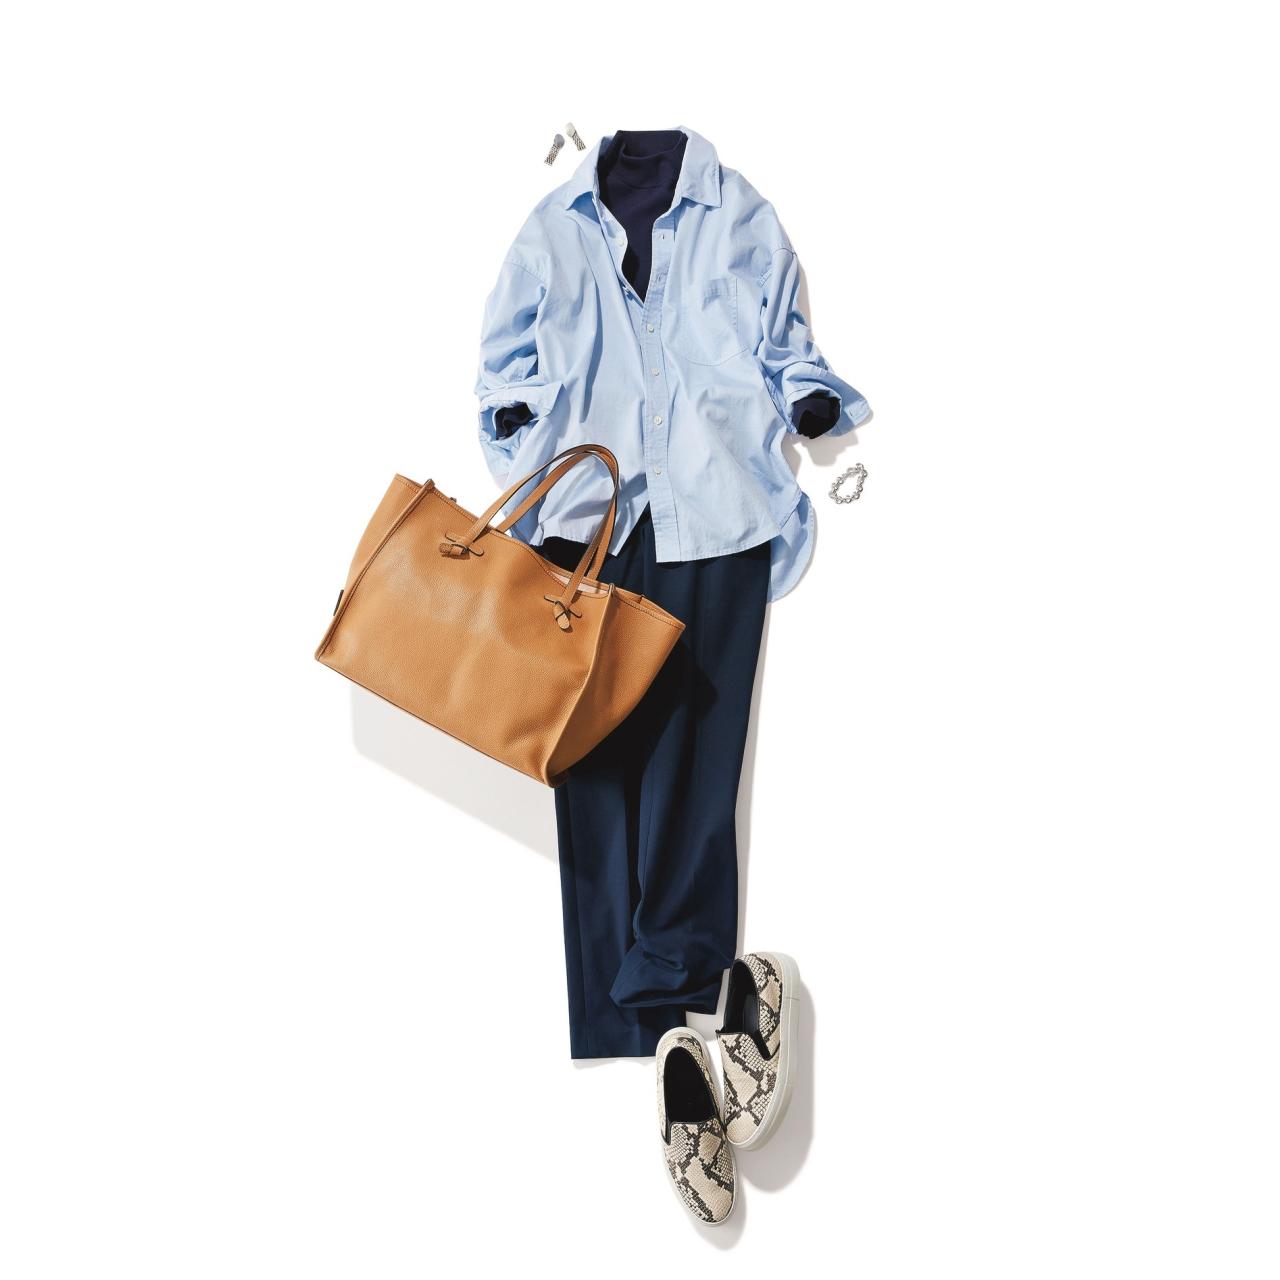 スネーク柄スニーカー×ブルーシャツ&パンツのファッションコーデ